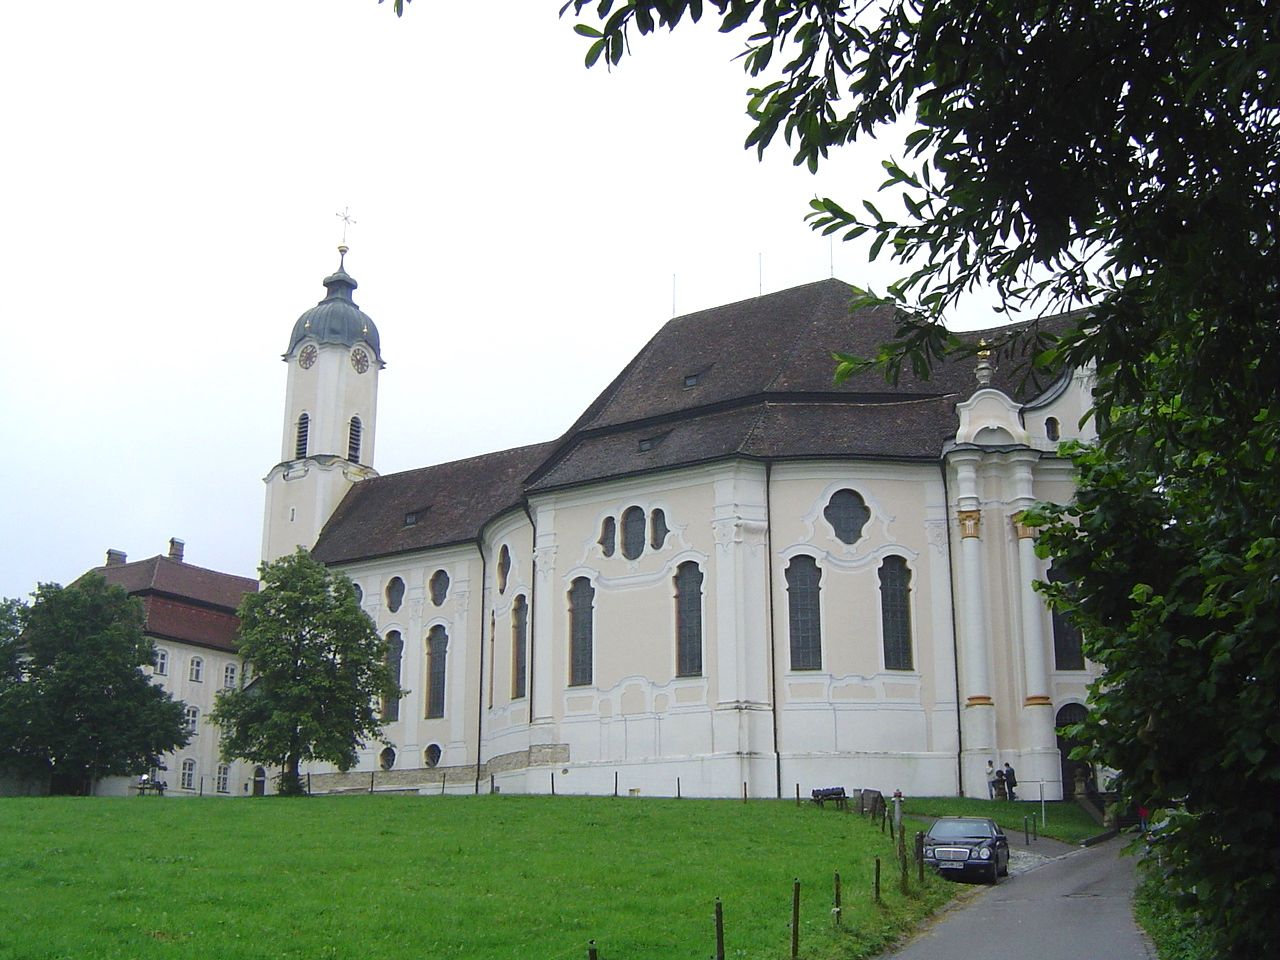 ヨーロッパ随一のロココ装飾!ドイツ「ヴィースの巡礼教会」